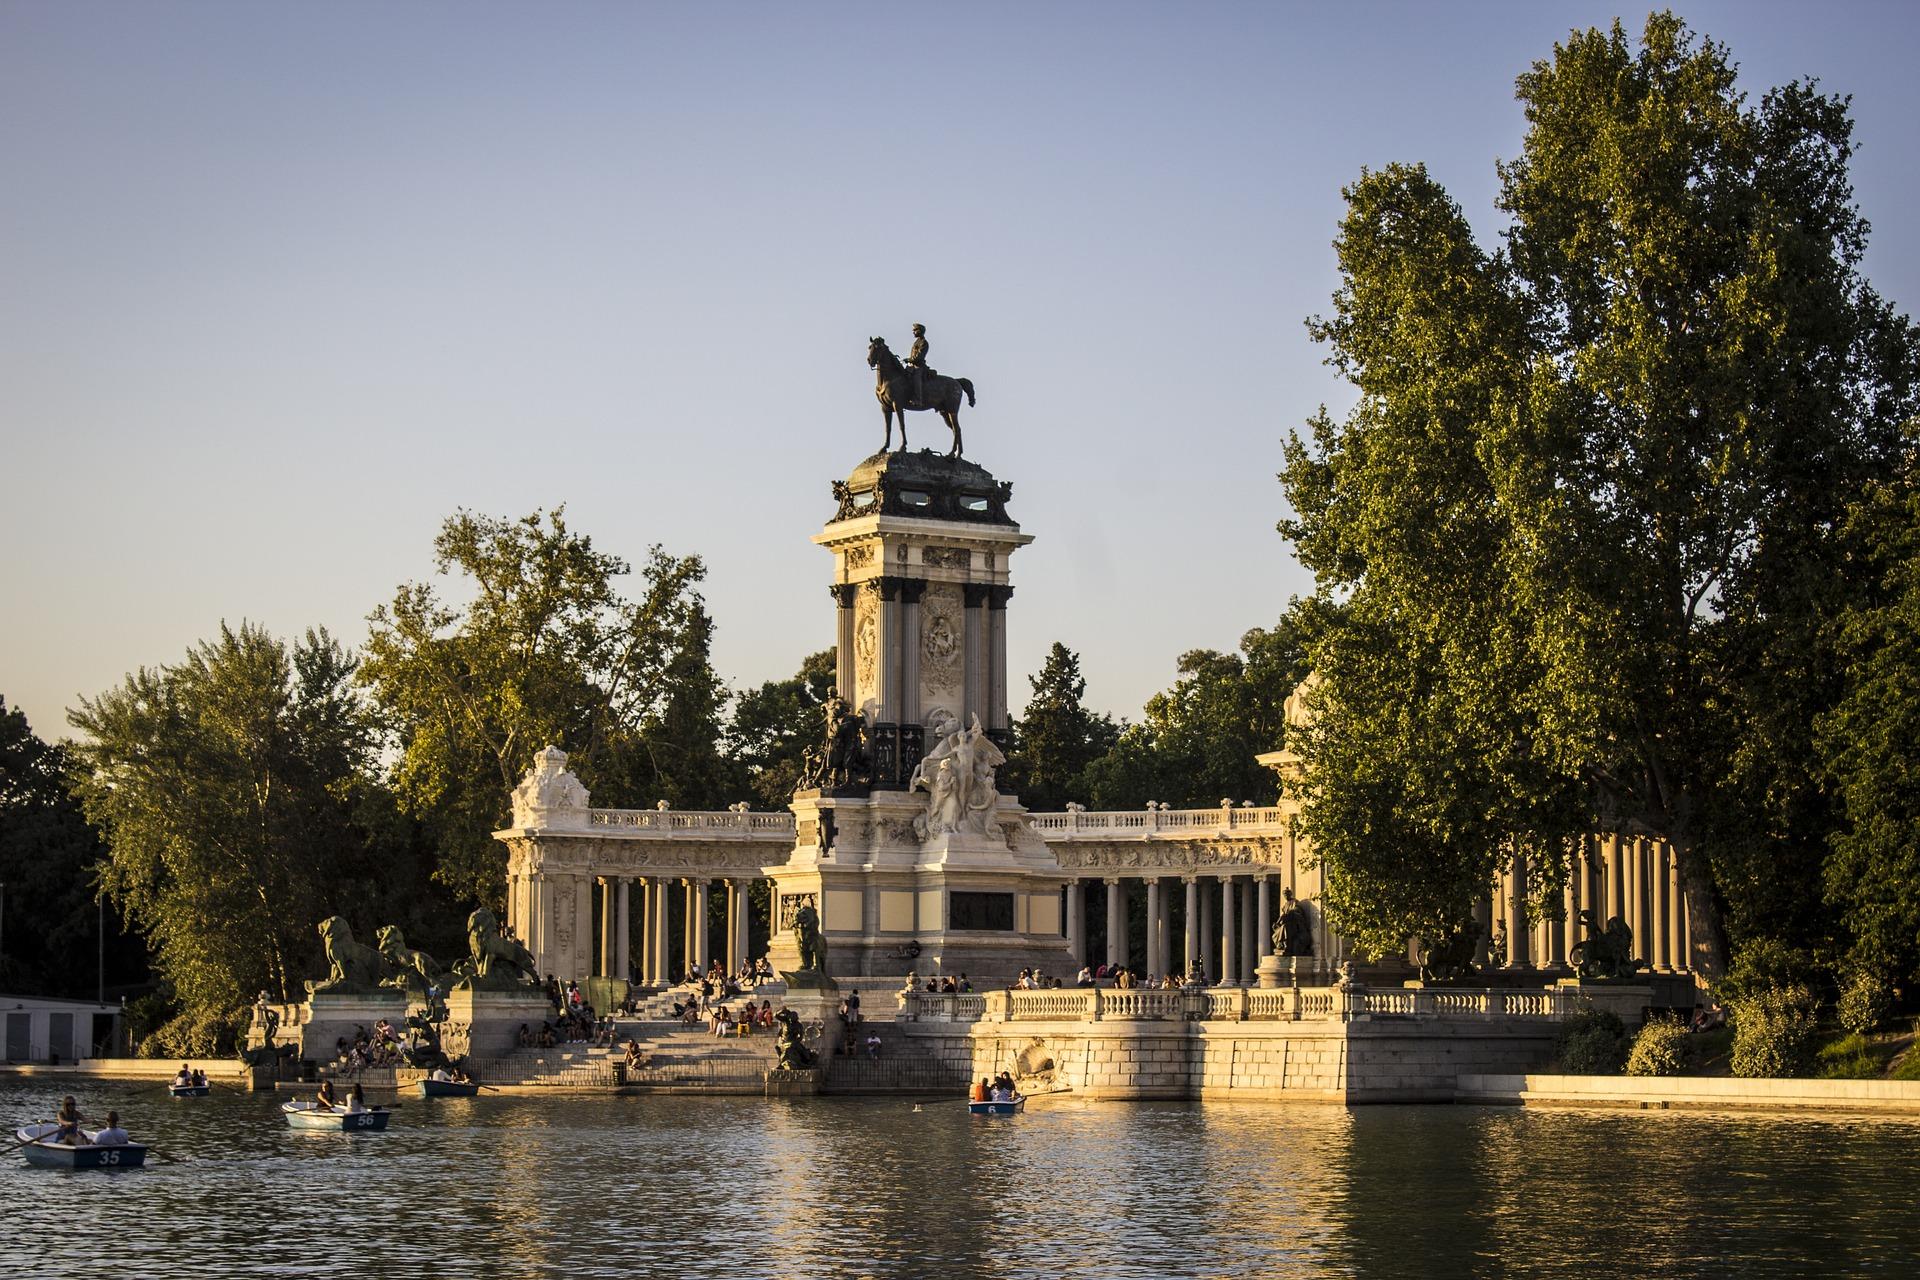 parque-del-retiro-3547463_1920